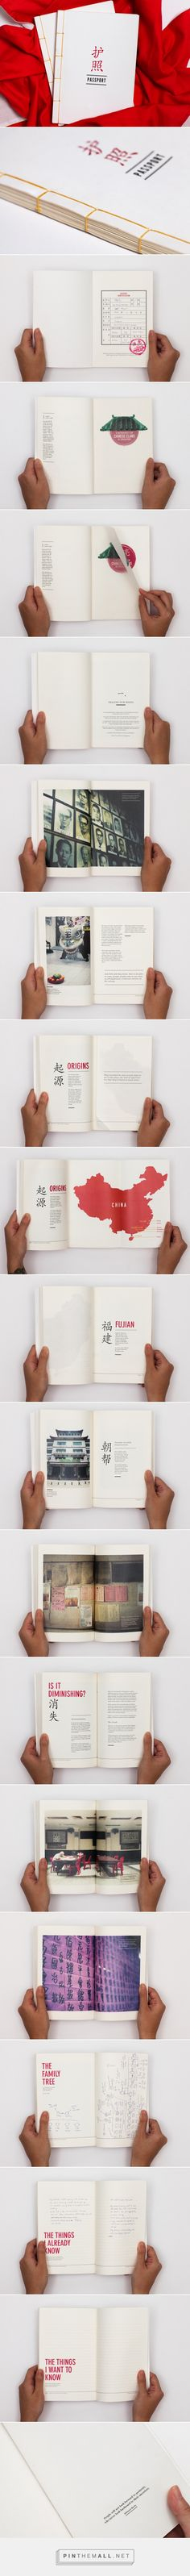 源 . 亮 : A Retrospect on Chinese Clans (The Book) by Serene Yap on Behance